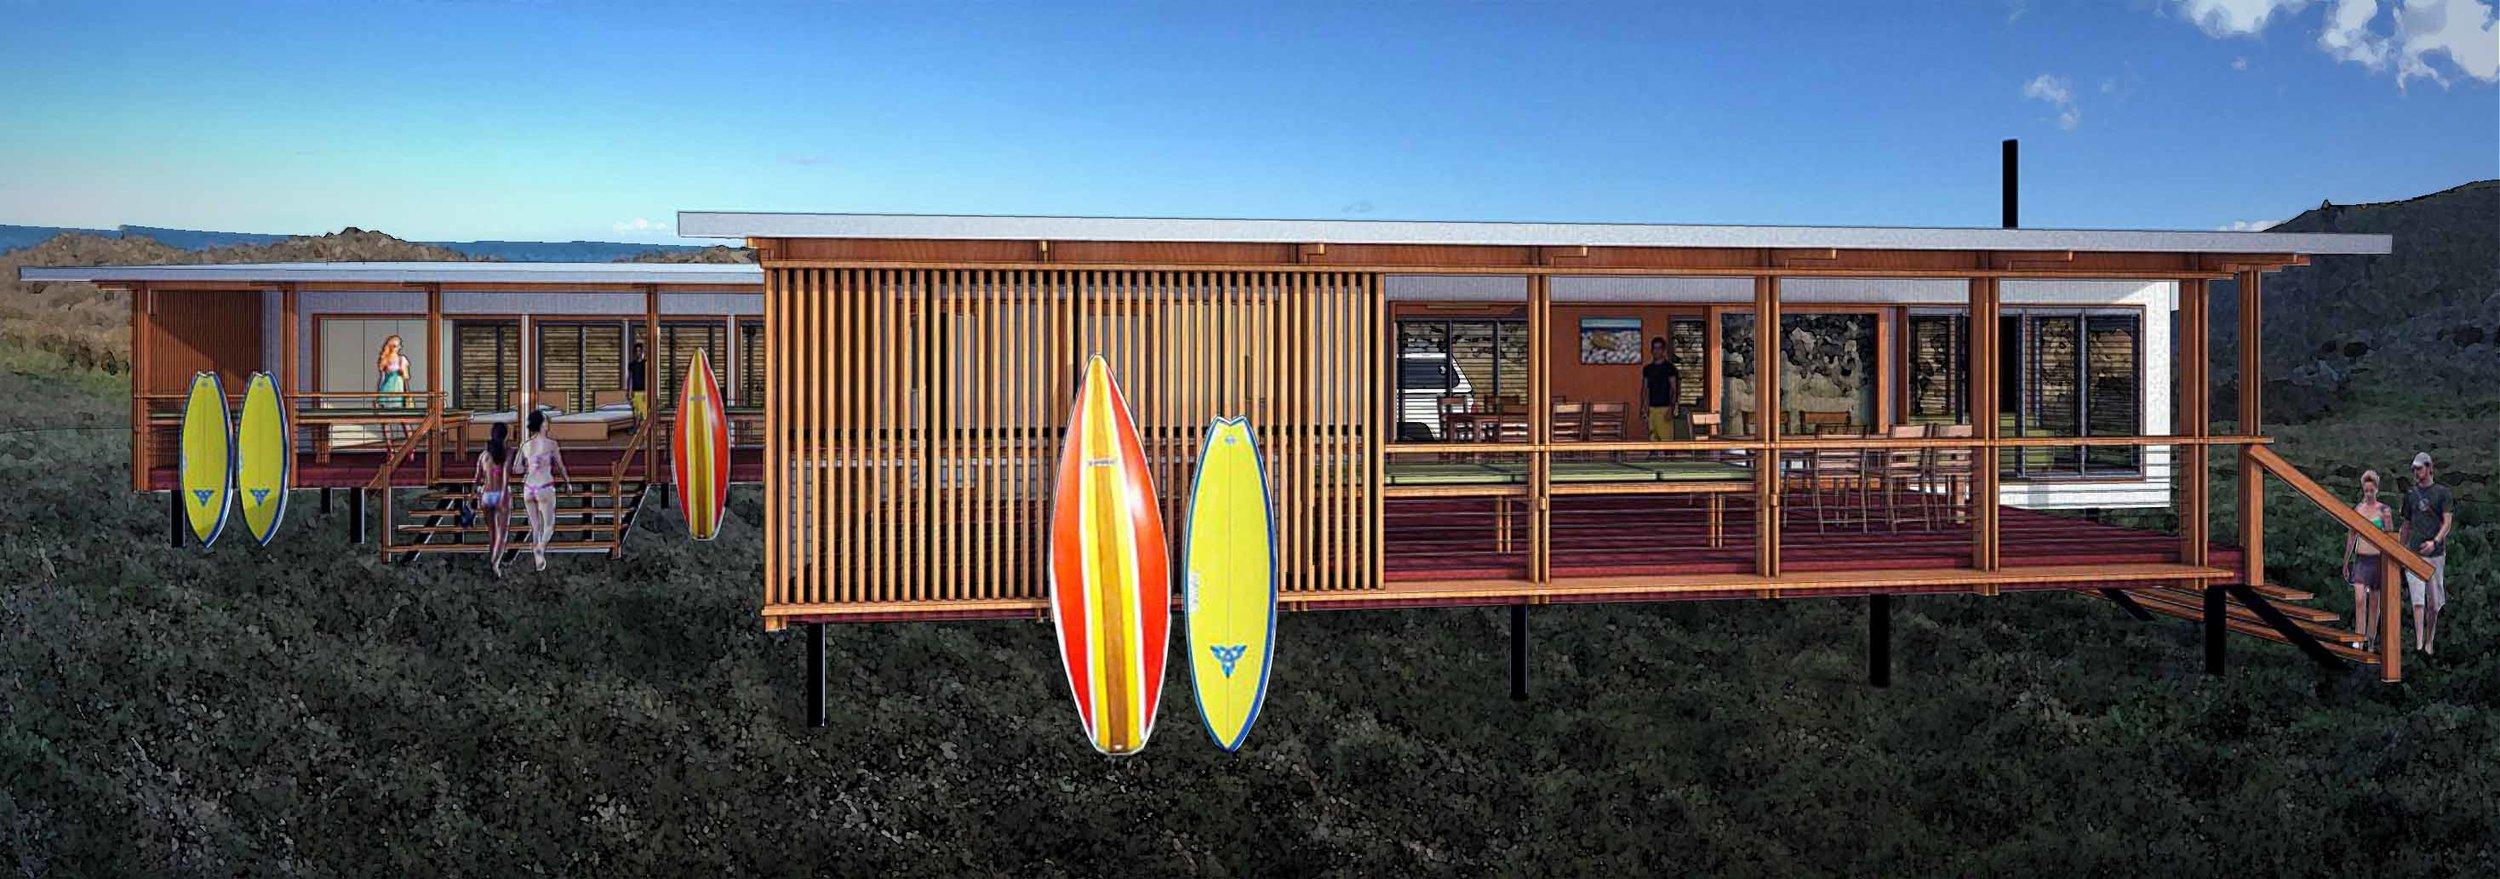 NZ SURF HOUSE